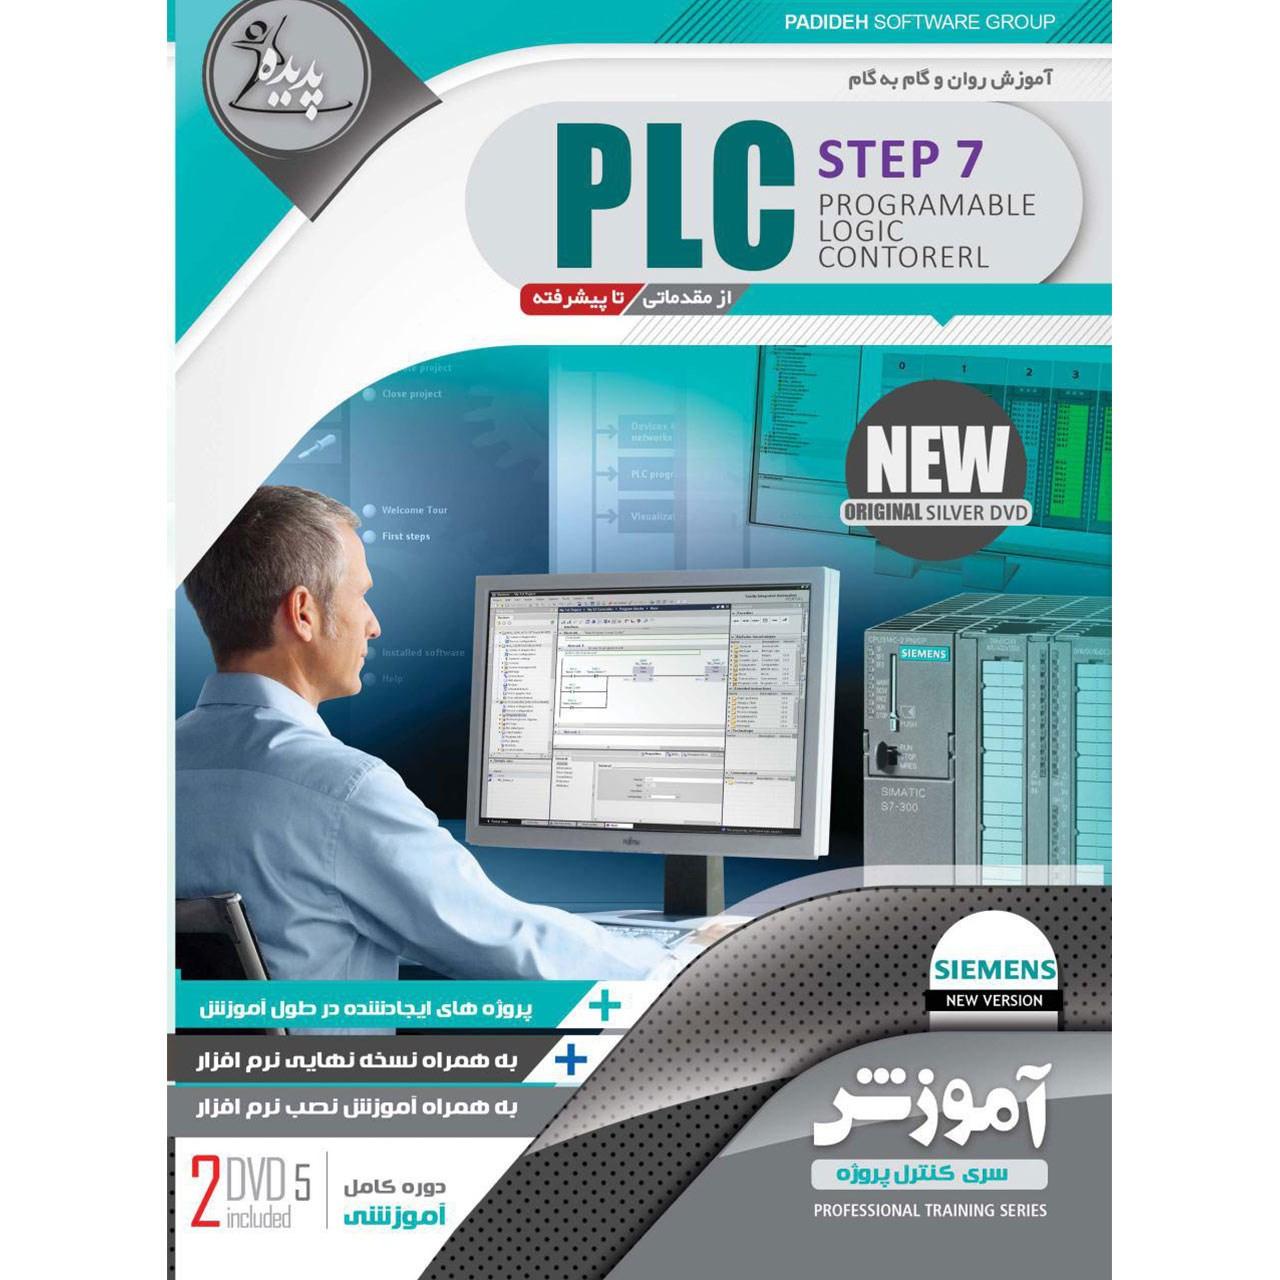 نرم افزار آموزش PLC Step 7 نشر پدیده